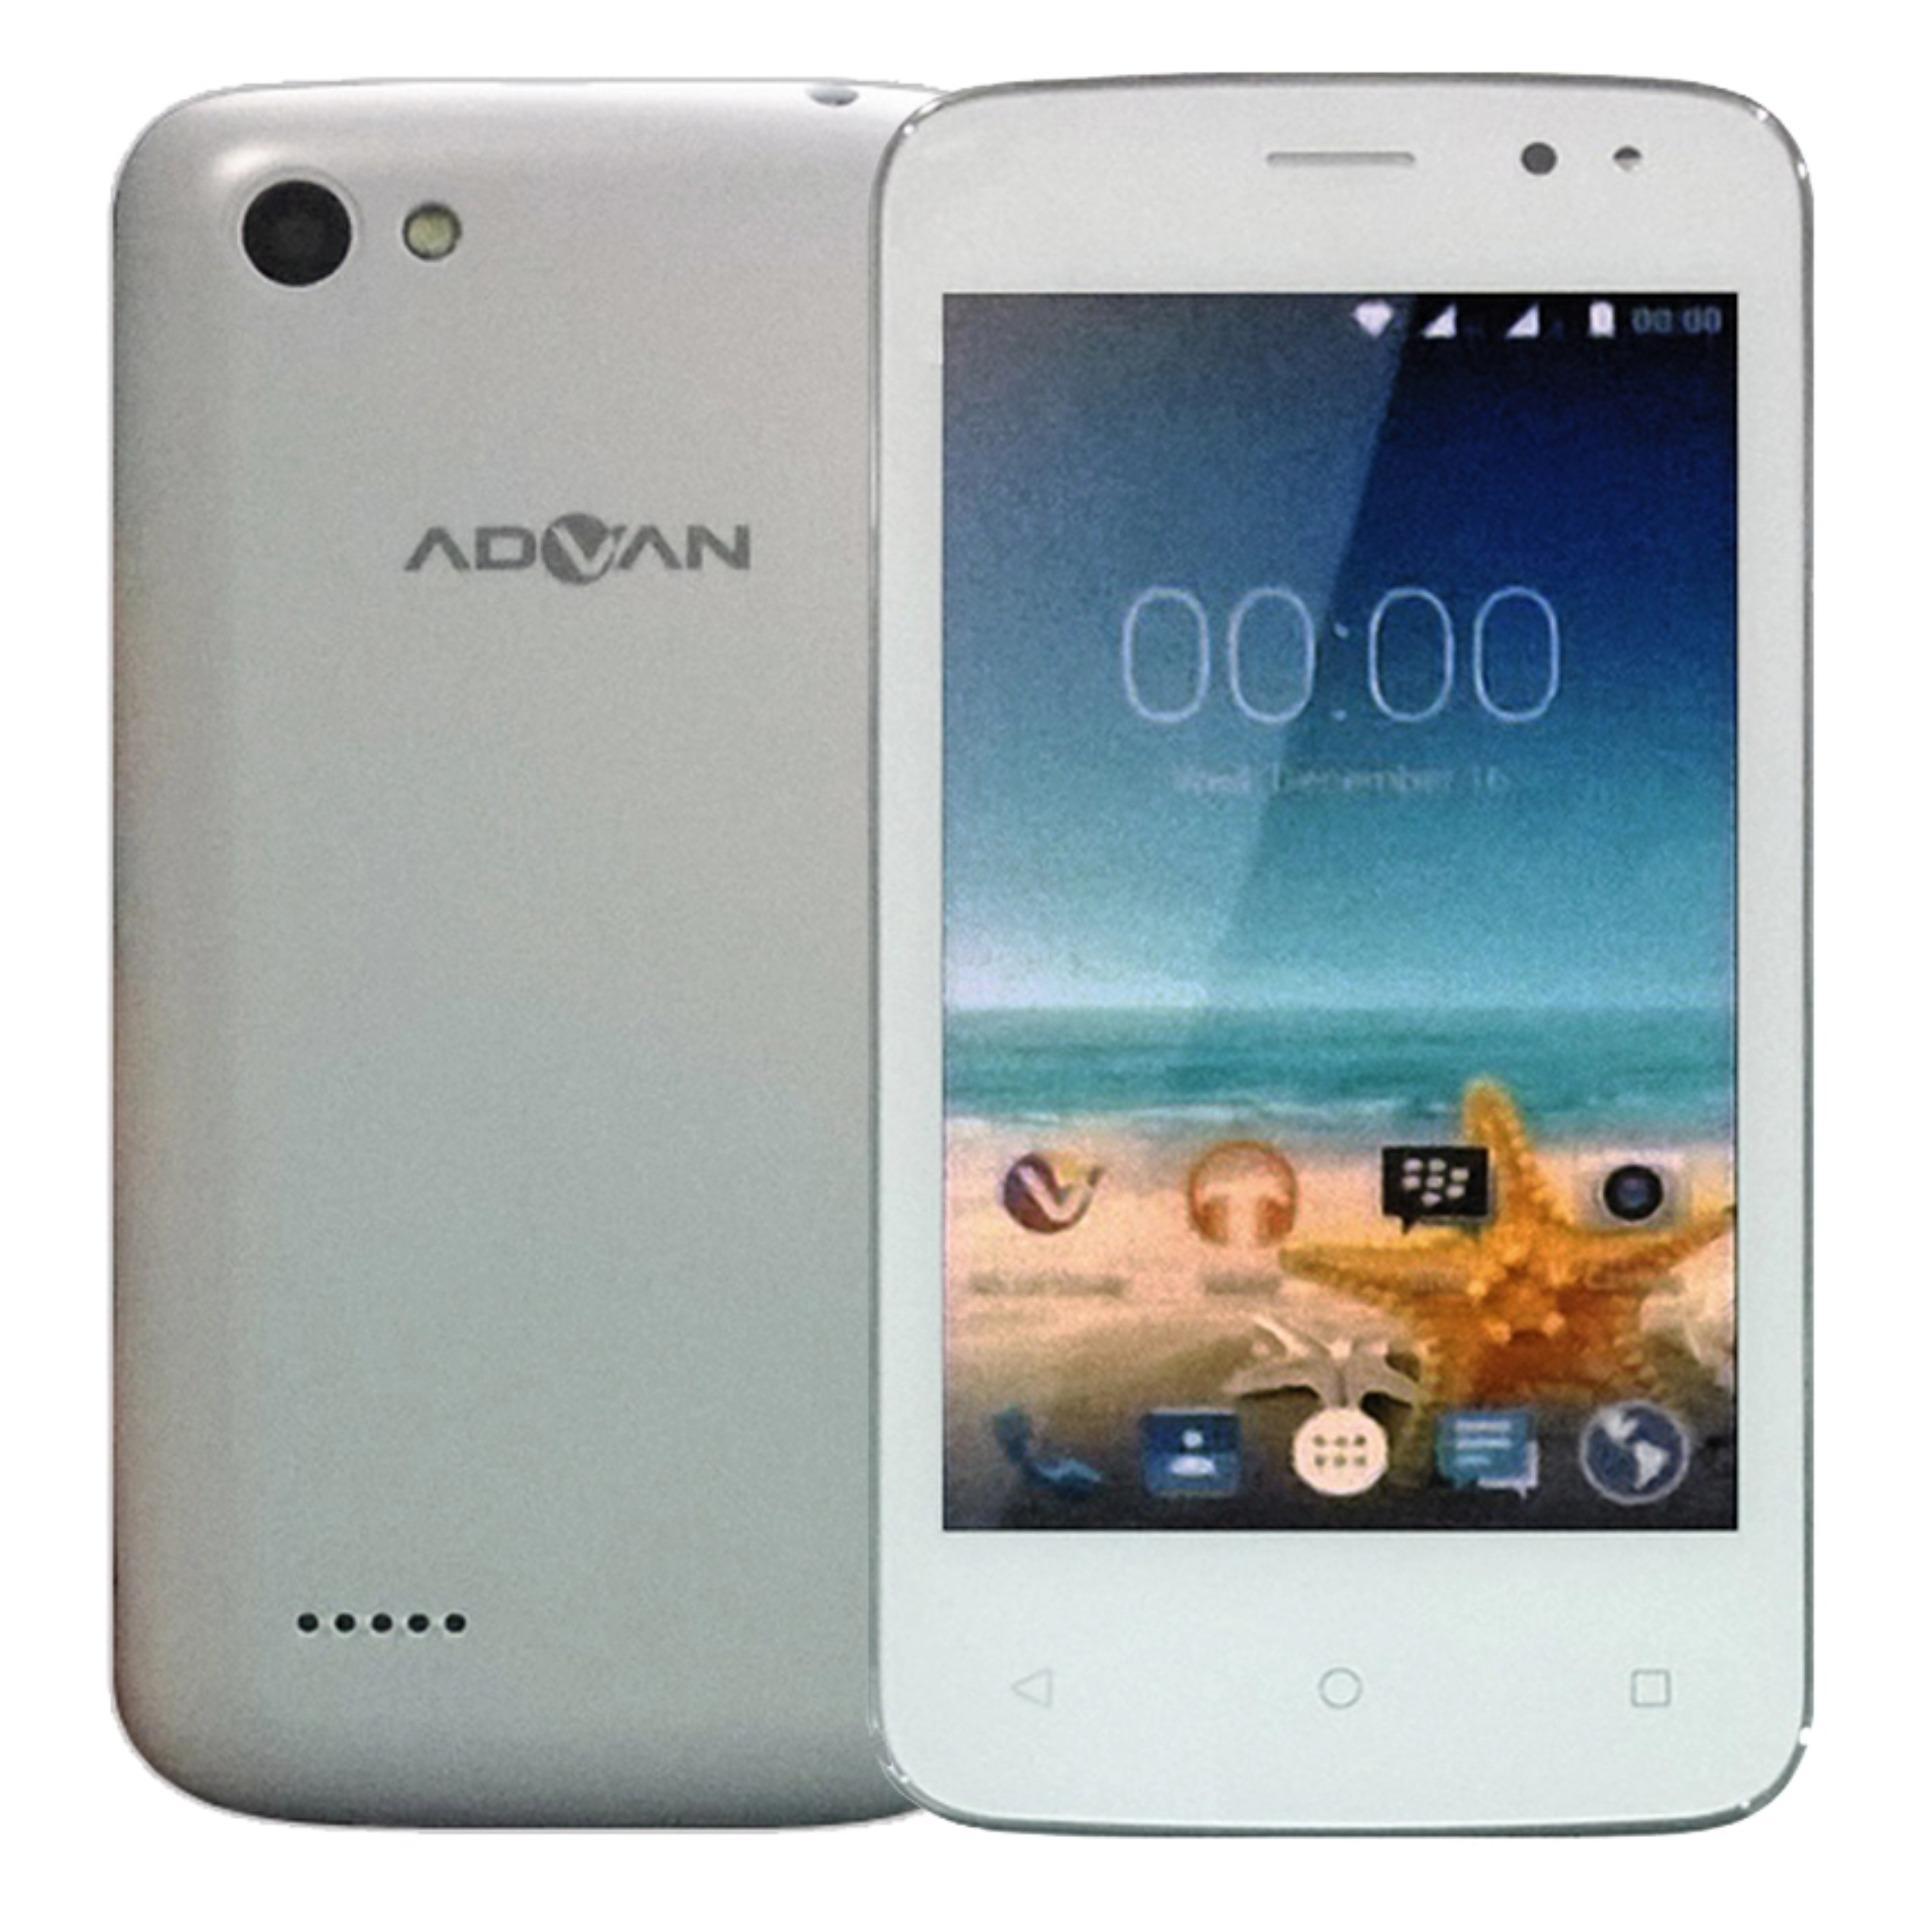 S4t Info Harga Terbaru Hanya Untuk Anda Advan Hammer R3e Handphone Putih Vandroid 4gb